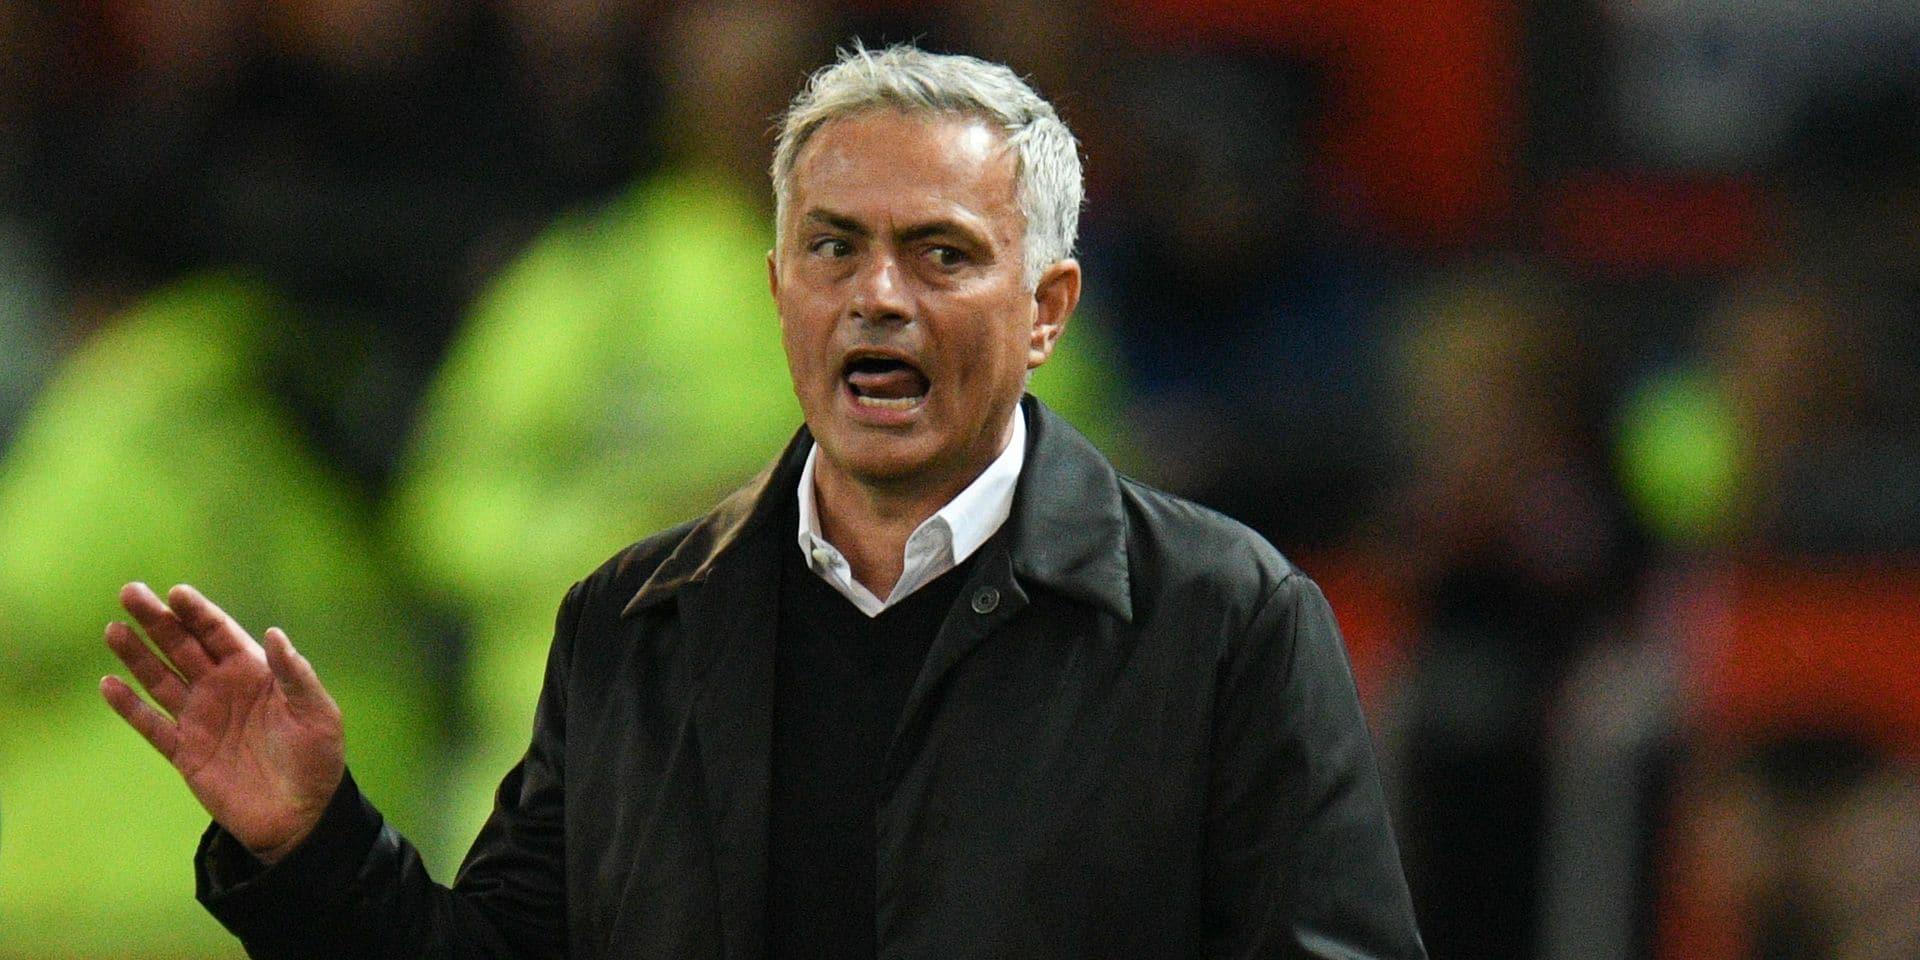 Le journal du mercato (29/08) : Selon Ryan Giggs, Manchester doit garder Mourinho